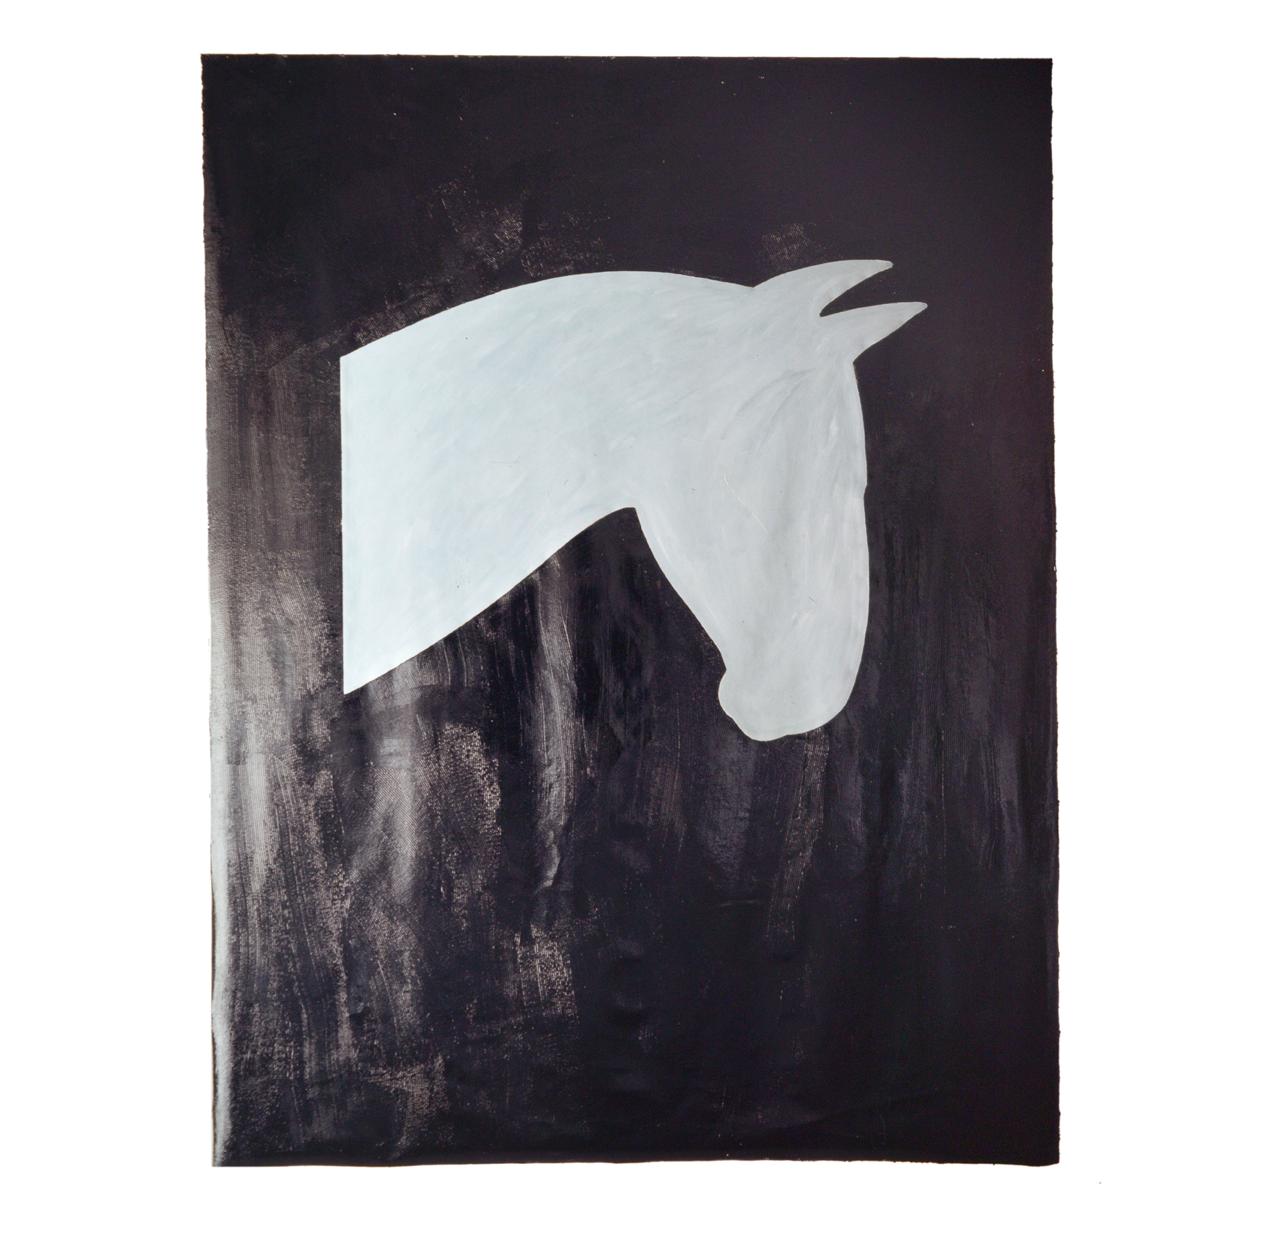 """""""Image d'un cheval gris clair"""" 1981, goudron, l'huile sur toile, 275 x 210 cm - Collection Kaiser Wilhelm Museum Krefeld, Allemagne - Photo Stephan Hadler"""